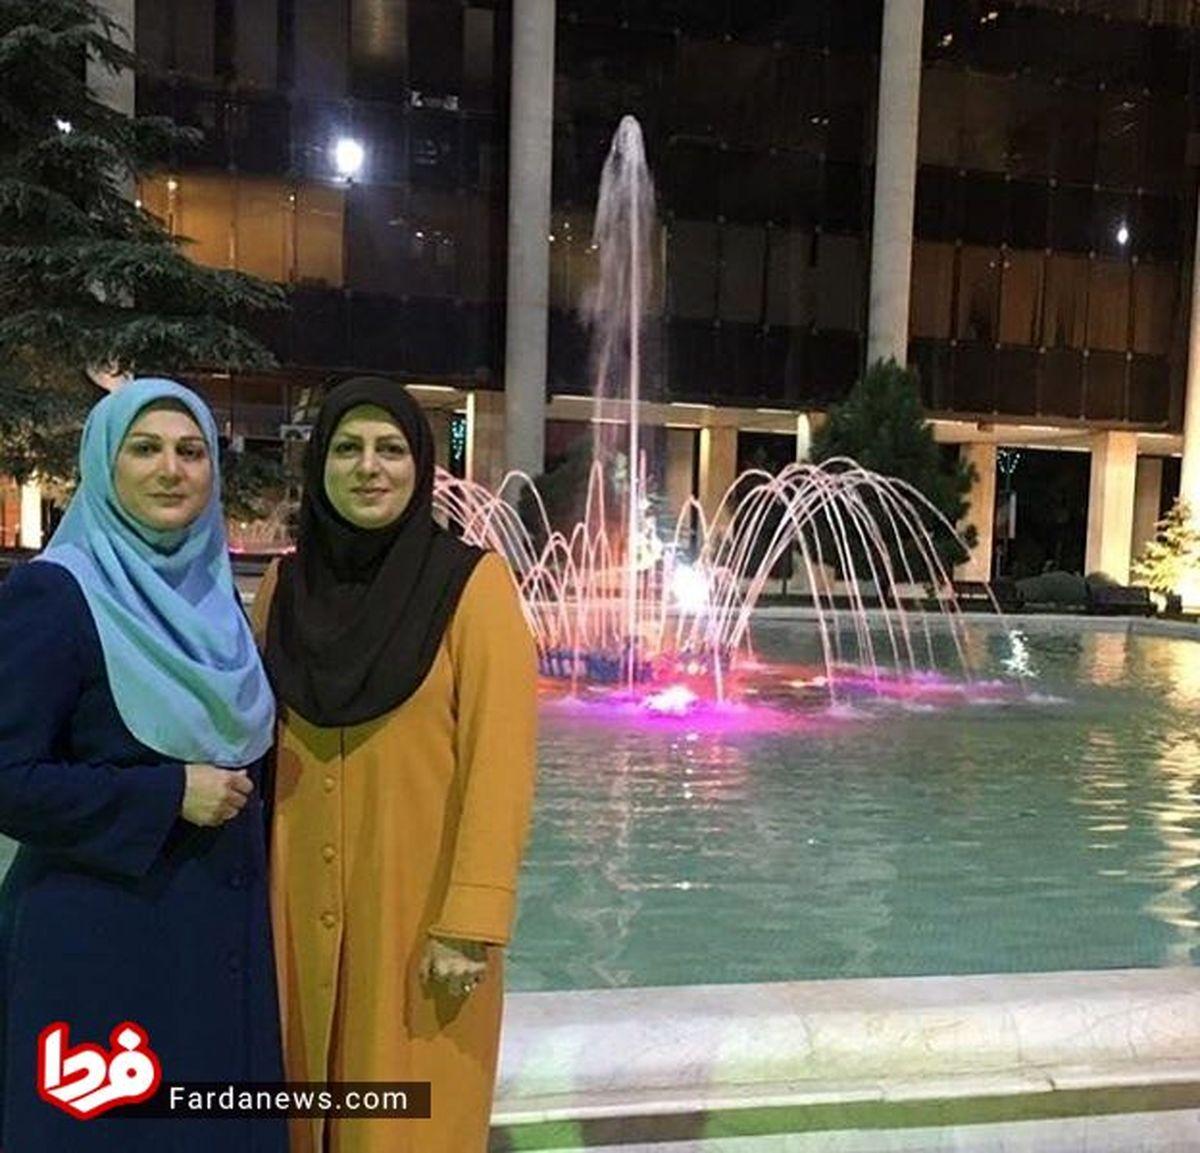 عکس: خواهران گوینده خبر در یک قاب